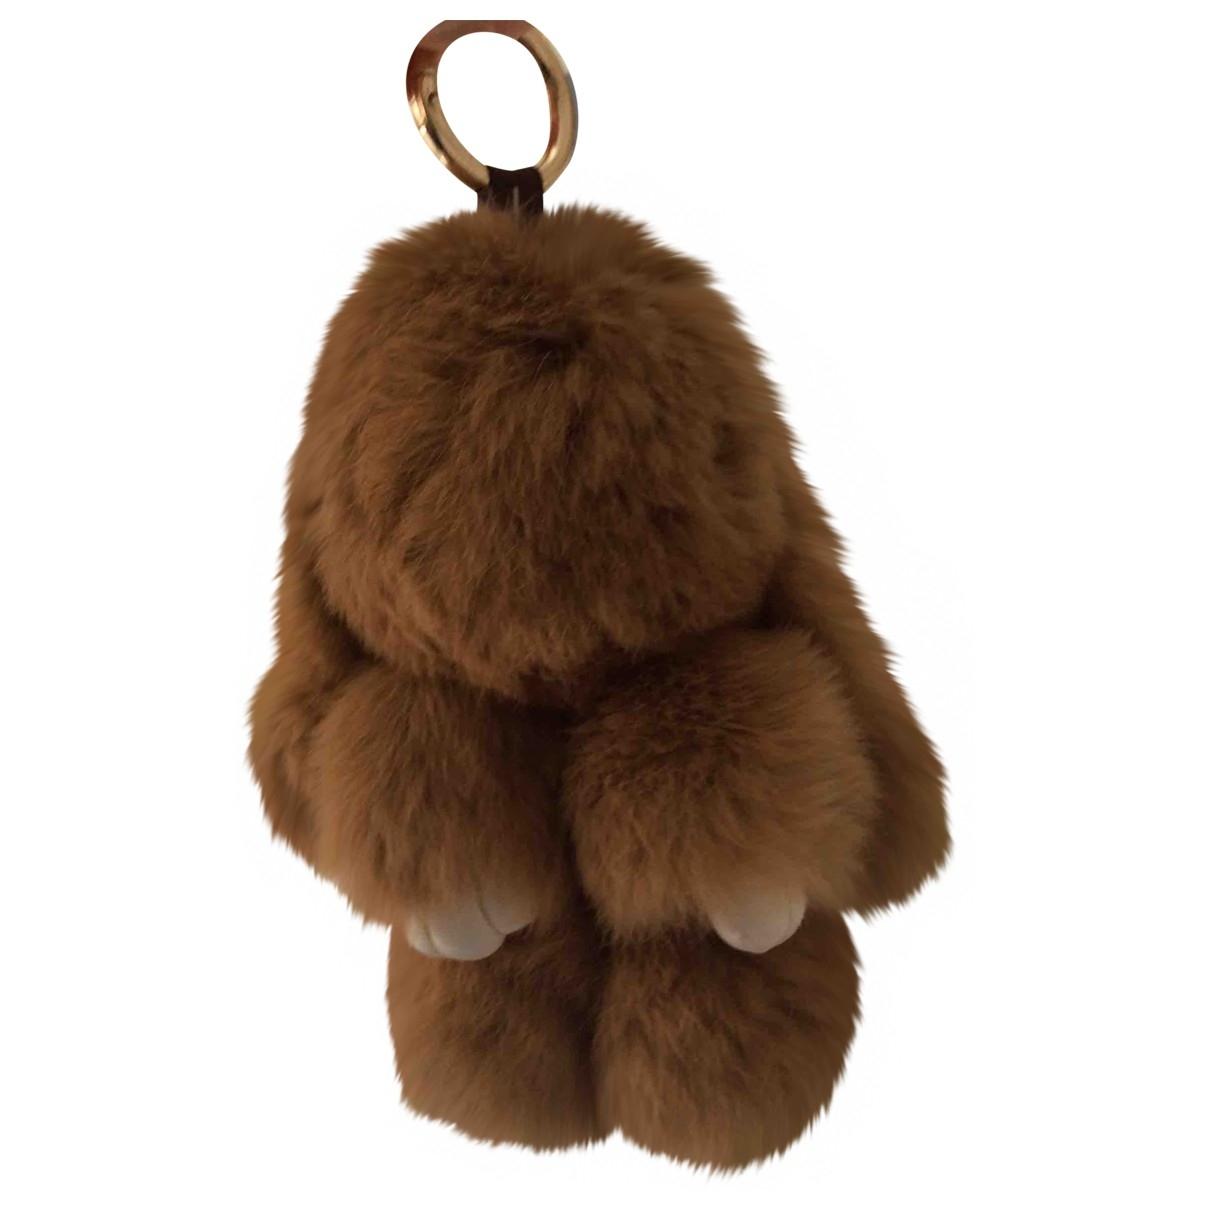 Kopenhagen Fur \N Beige Fur Purses, wallet & cases for Women \N